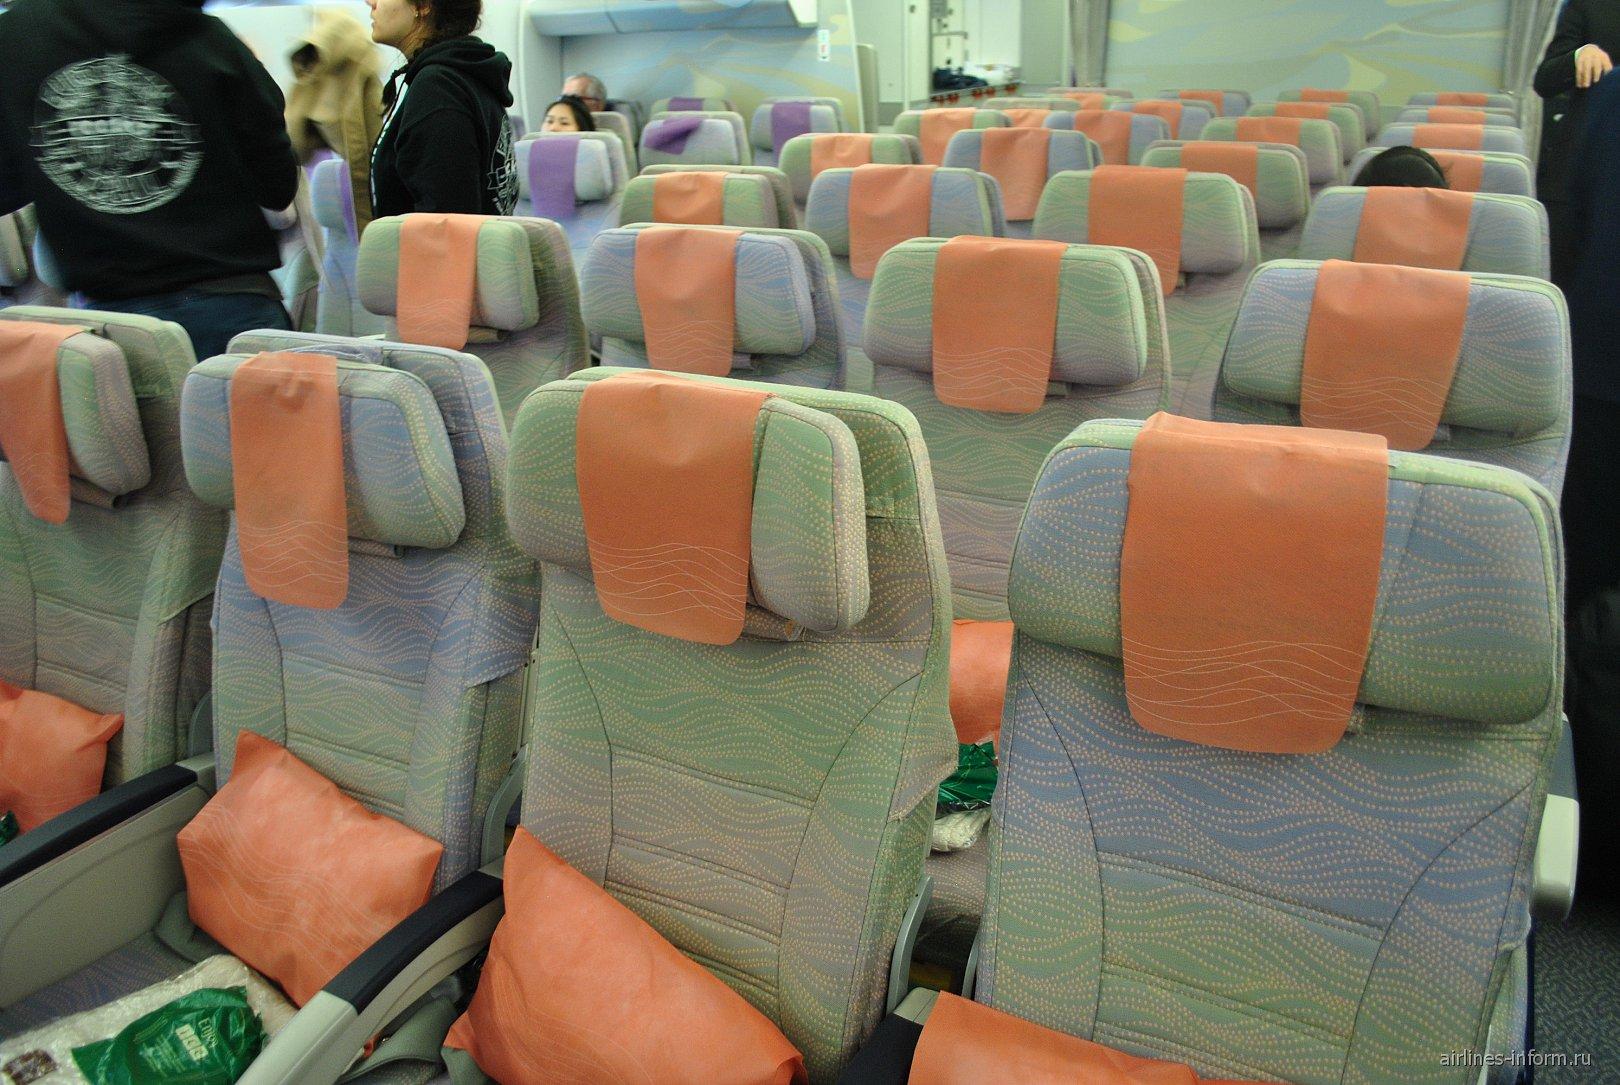 Салон эконом-класса в самолете Airbus A380 авиакомпании Emirates